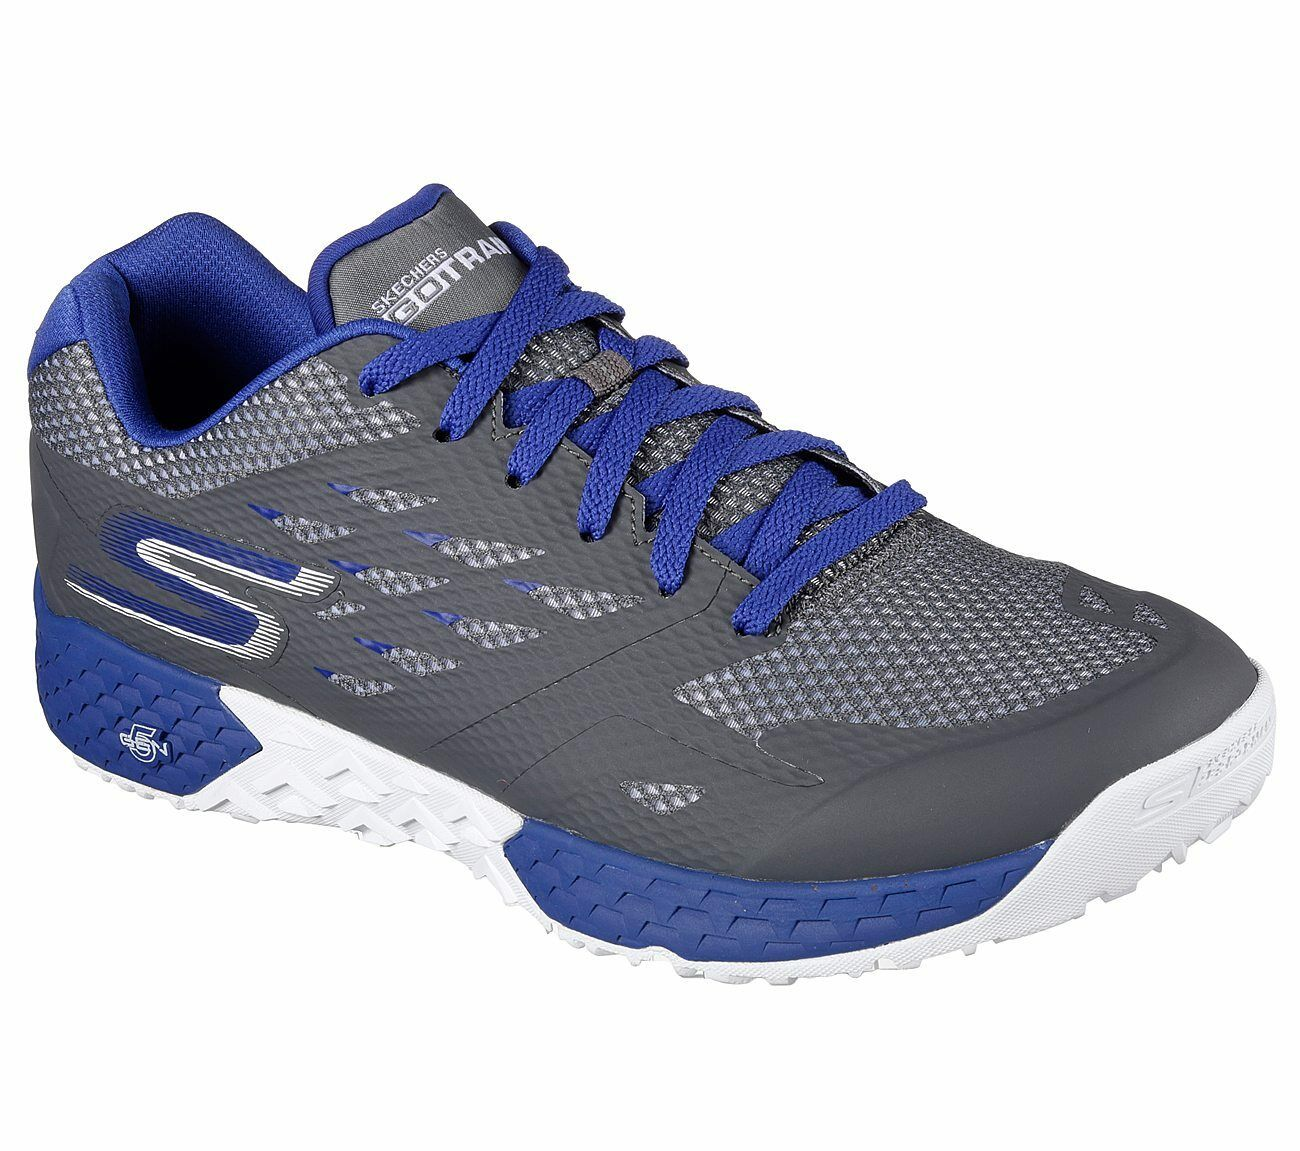 Nuova Uomo skechers skechers skechers gotrain resistenza scarpa stile 54122 carbone / blue 110y dott. 28b44a